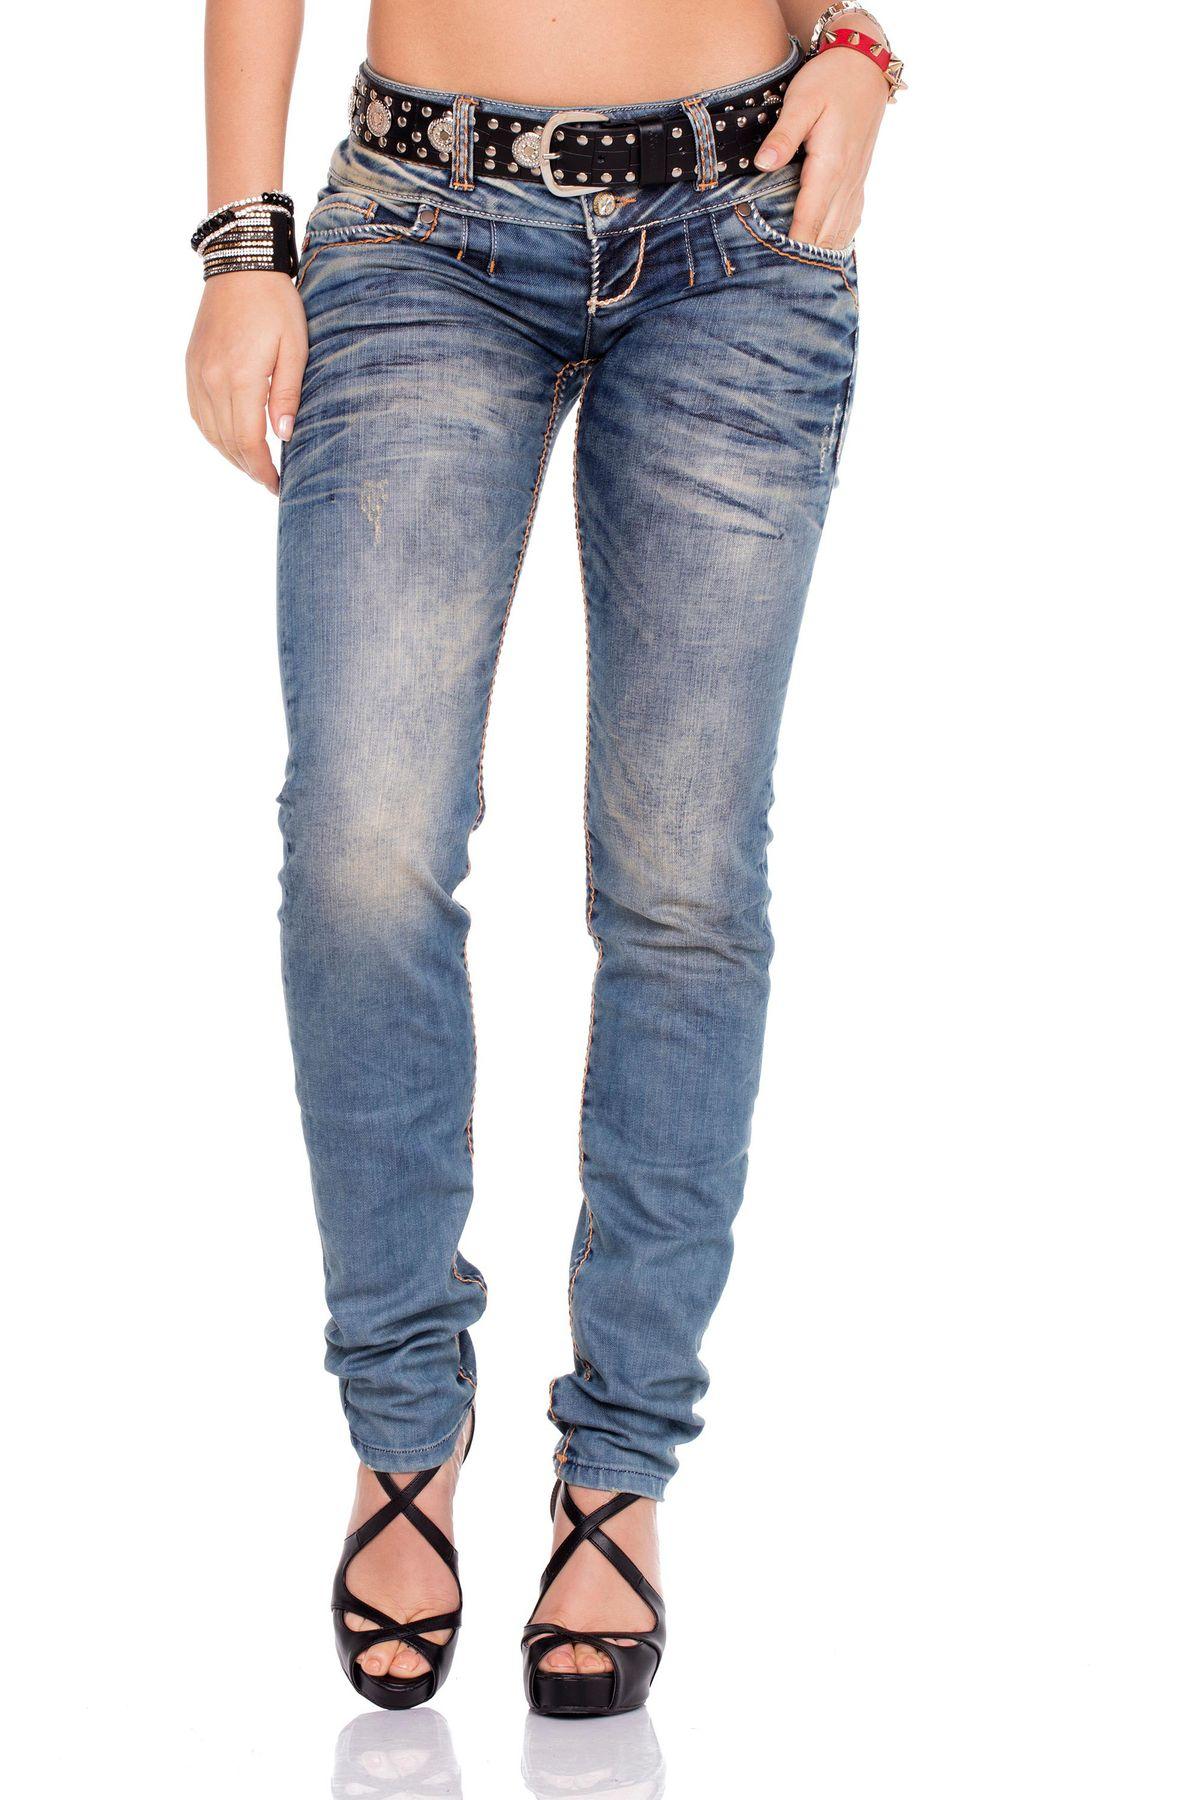 CIPO /& BAXX Damen Jeans CBW-0347 CBW-347 Slim Fit mit oder ohne Gürtel